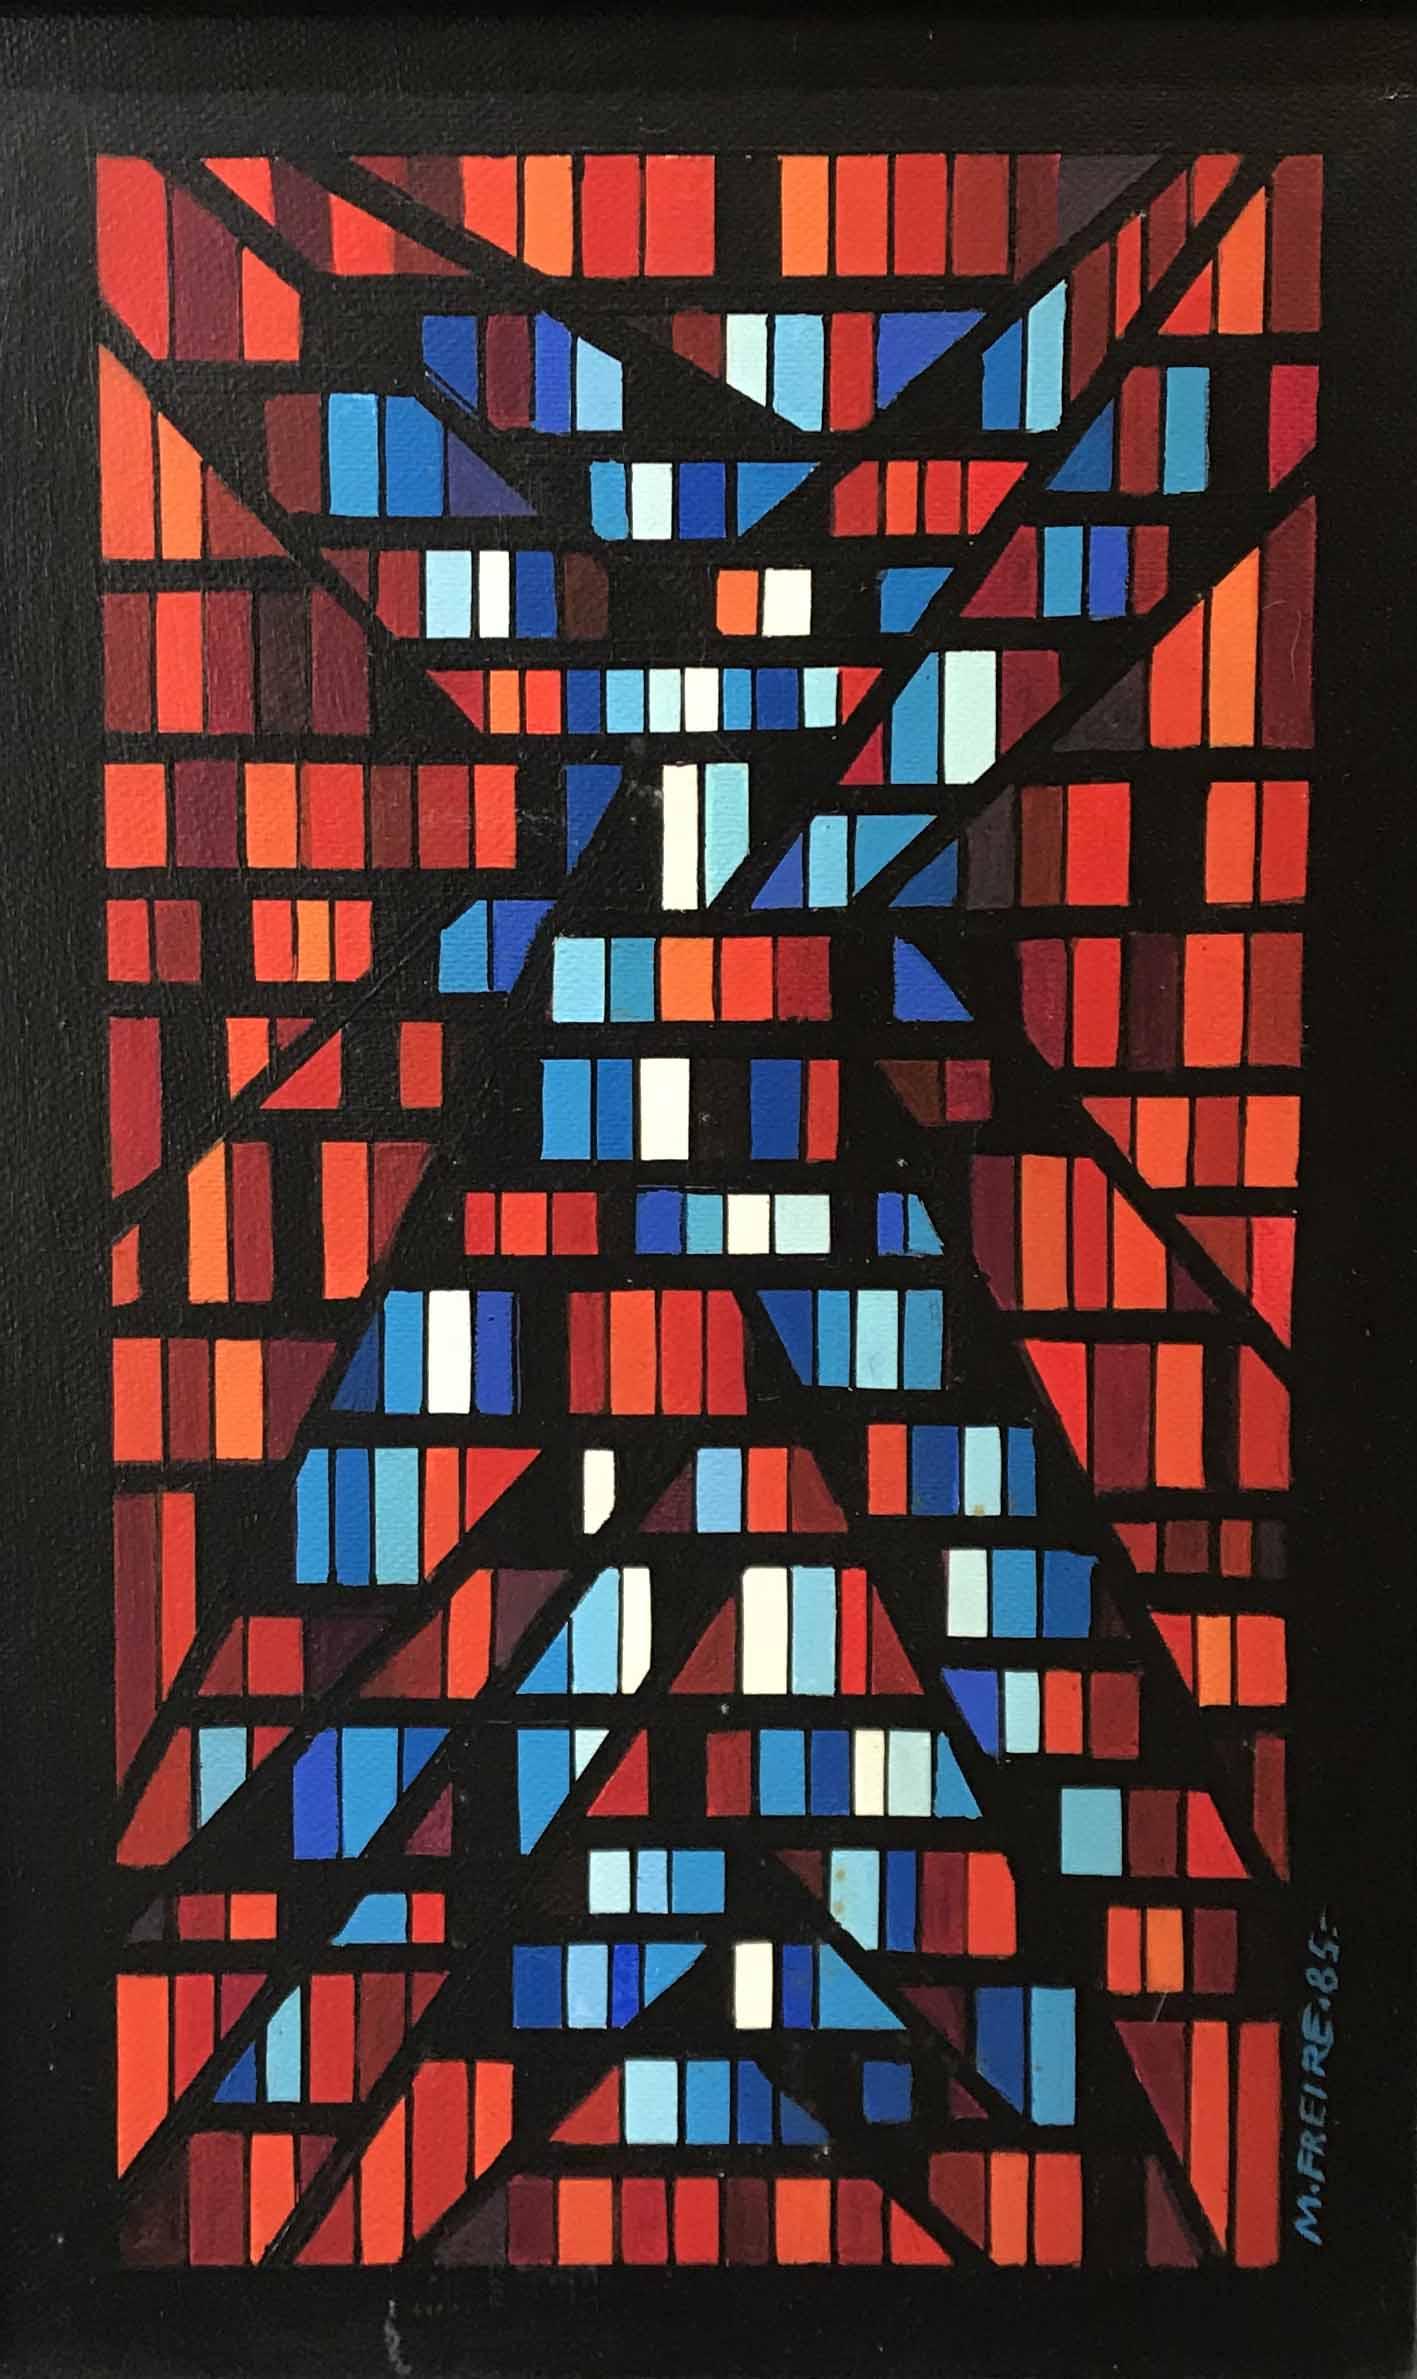 """MARIA FREIRE (1917 - 2015) """"RADIANTE"""" Acrílico sobre fibra; 45 x 29 cm. Firmado y fechado ´85 abajo a la derecha. Al dorso Firmado, fechado, titulado """"Radiante 10/1985"""". POR CONSULTAS DE PRECIOS, CONTACTE LA GALERIA. FOR PRICE´S ENQUIRIES, PLEASE CONTACT THE GALLERY."""